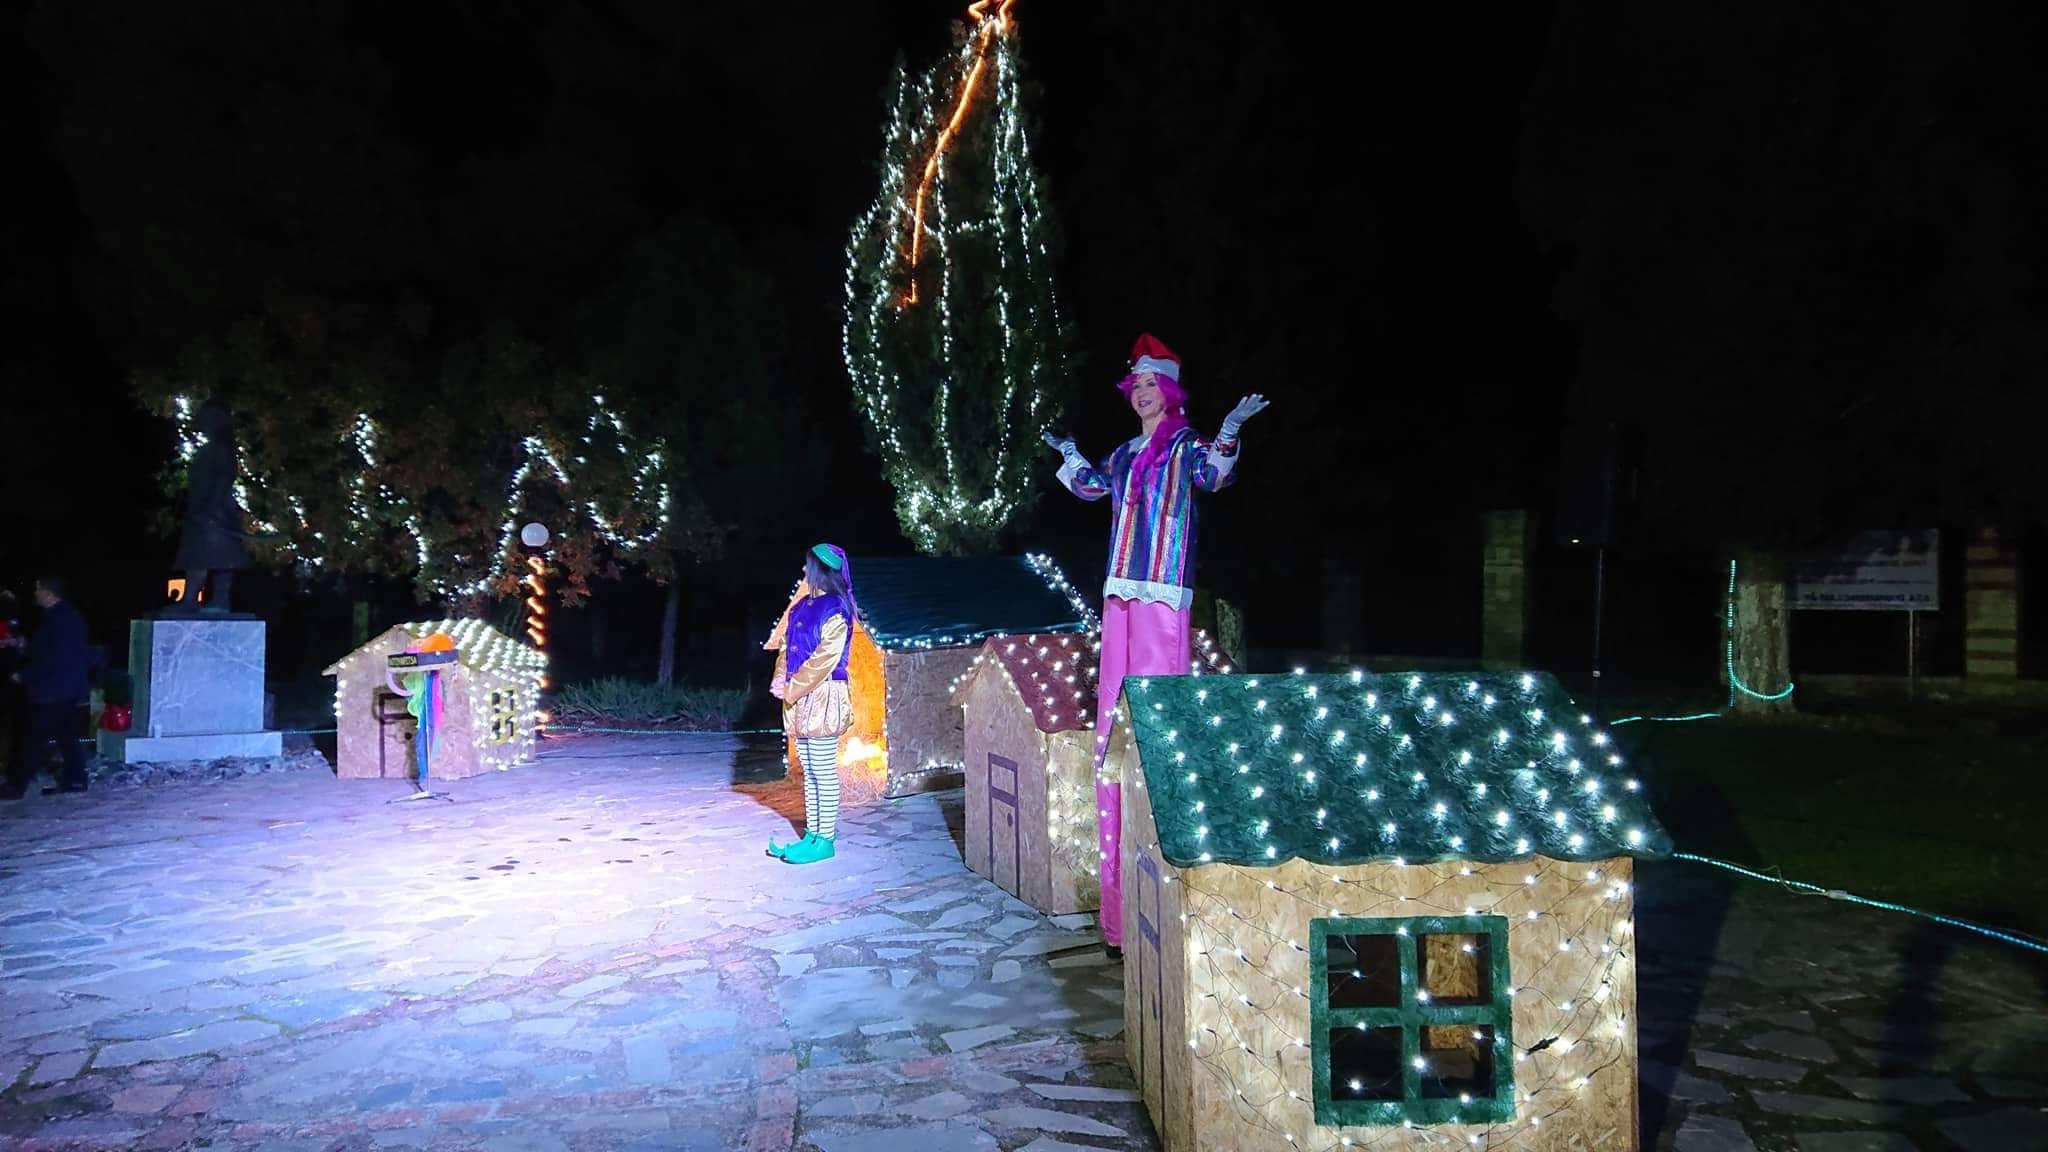 Πραγματοποιήθηκαν οι Χριστουγεννιάτικες εκδηλώσεις στην Τριάδα (φωτό) 78356533 2593097710976630 4981247849506275328 n